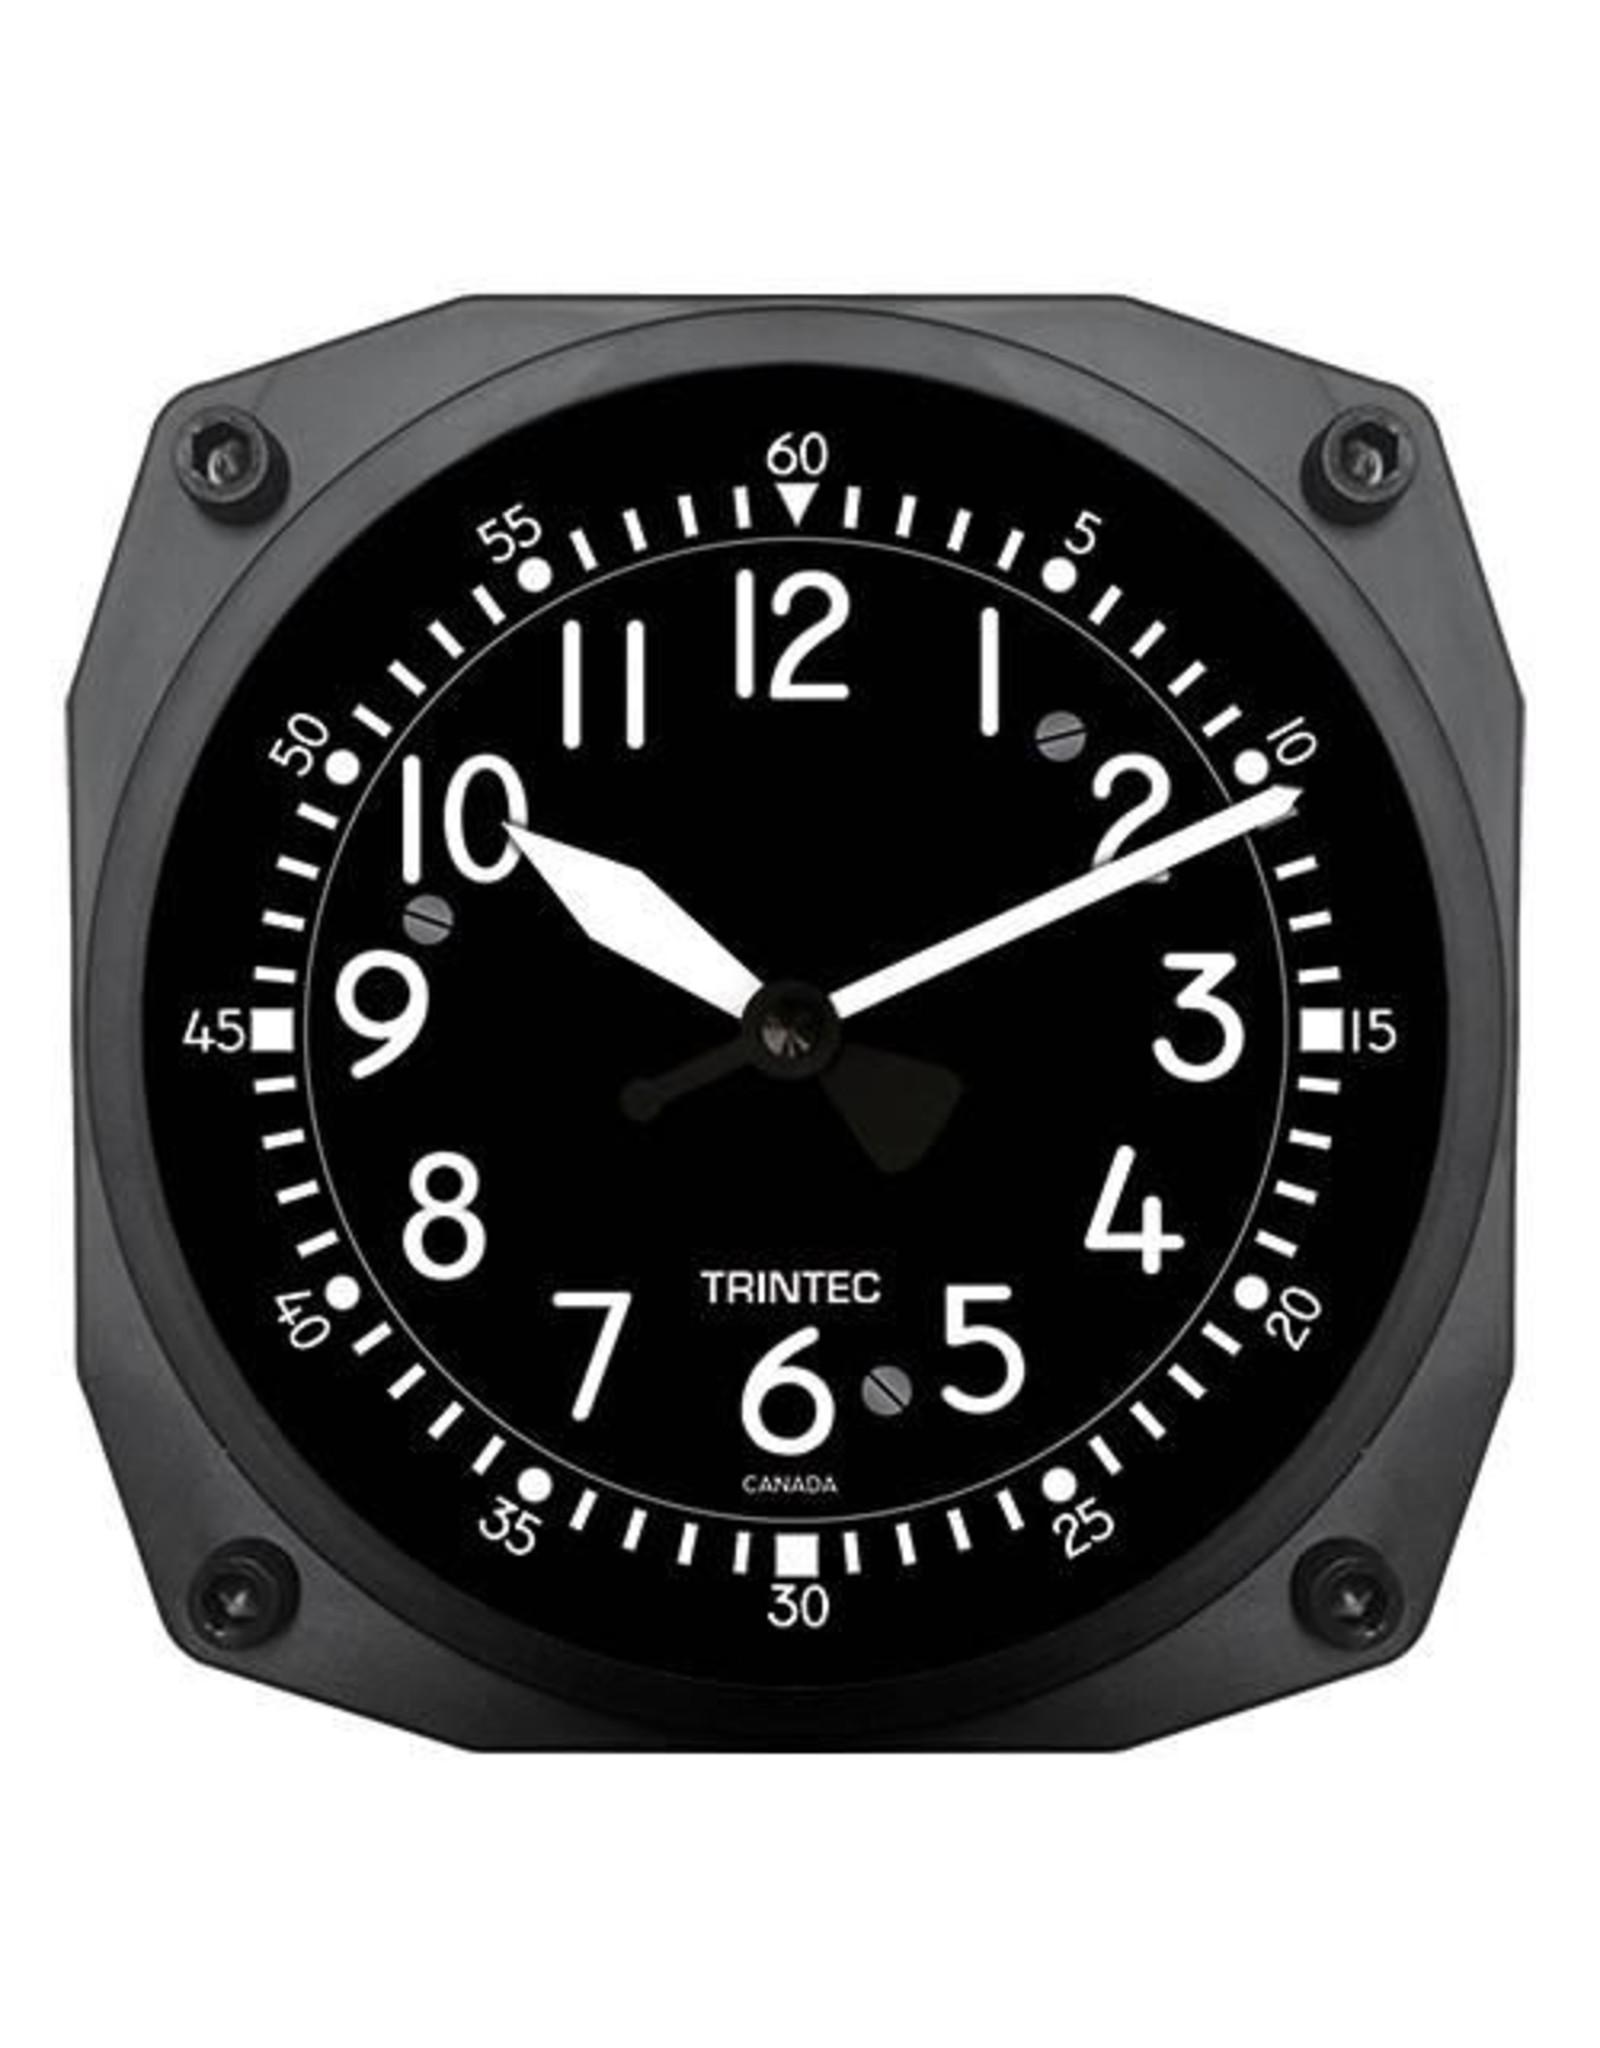 Trintec Classic Cockpit Clock 6 inch 9065